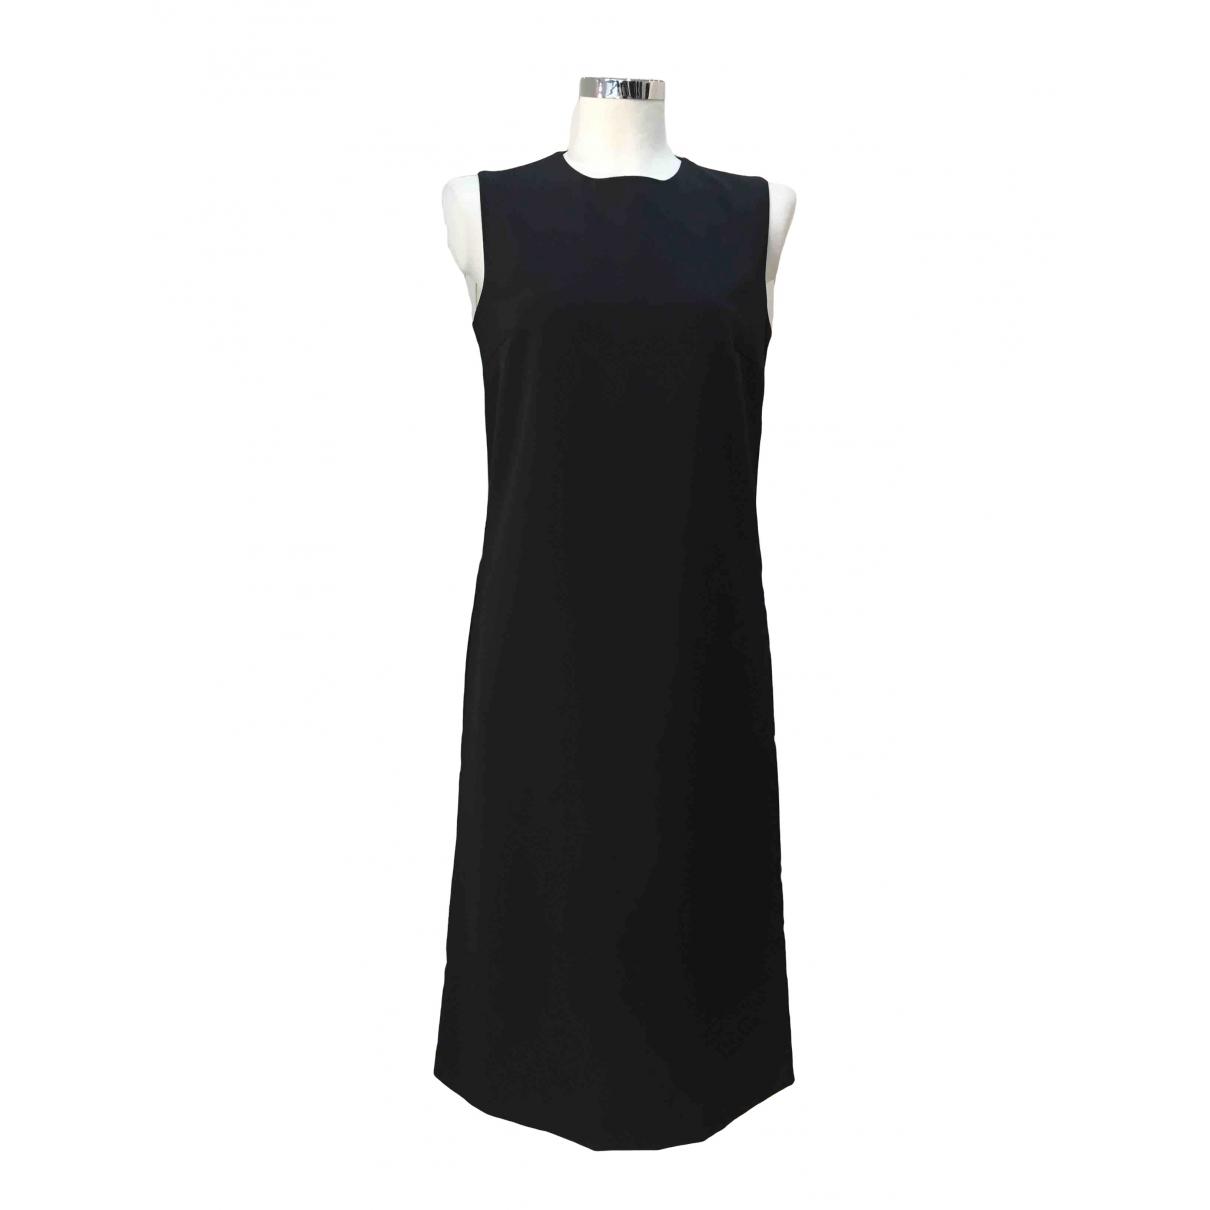 Maison Martin Margiela \N Black Wool dress for Women 42 IT